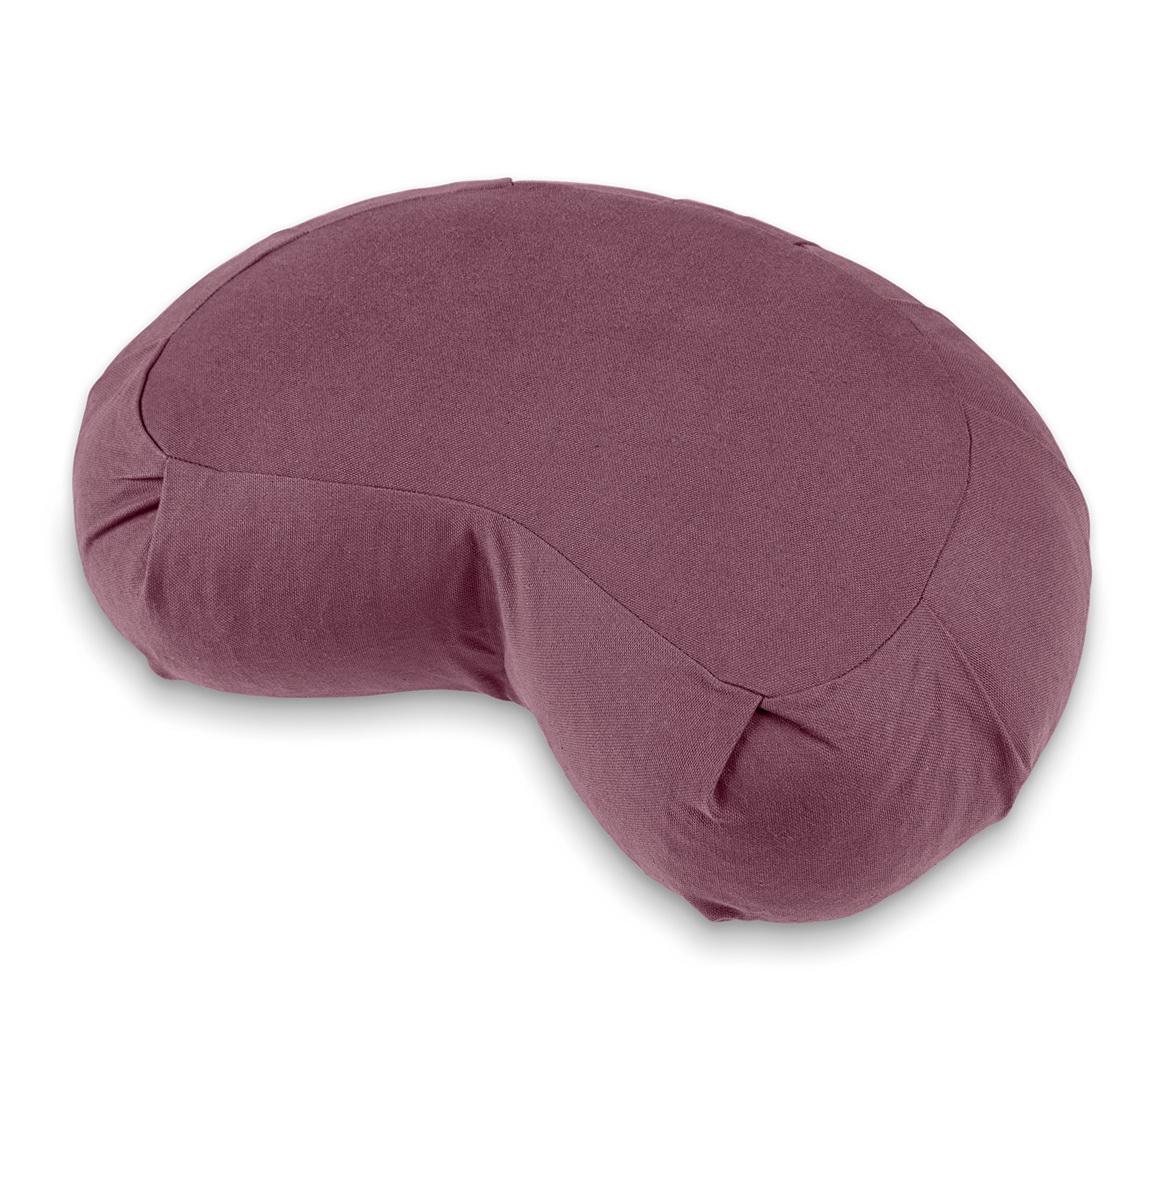 Zafu Meditation Cushion Uk